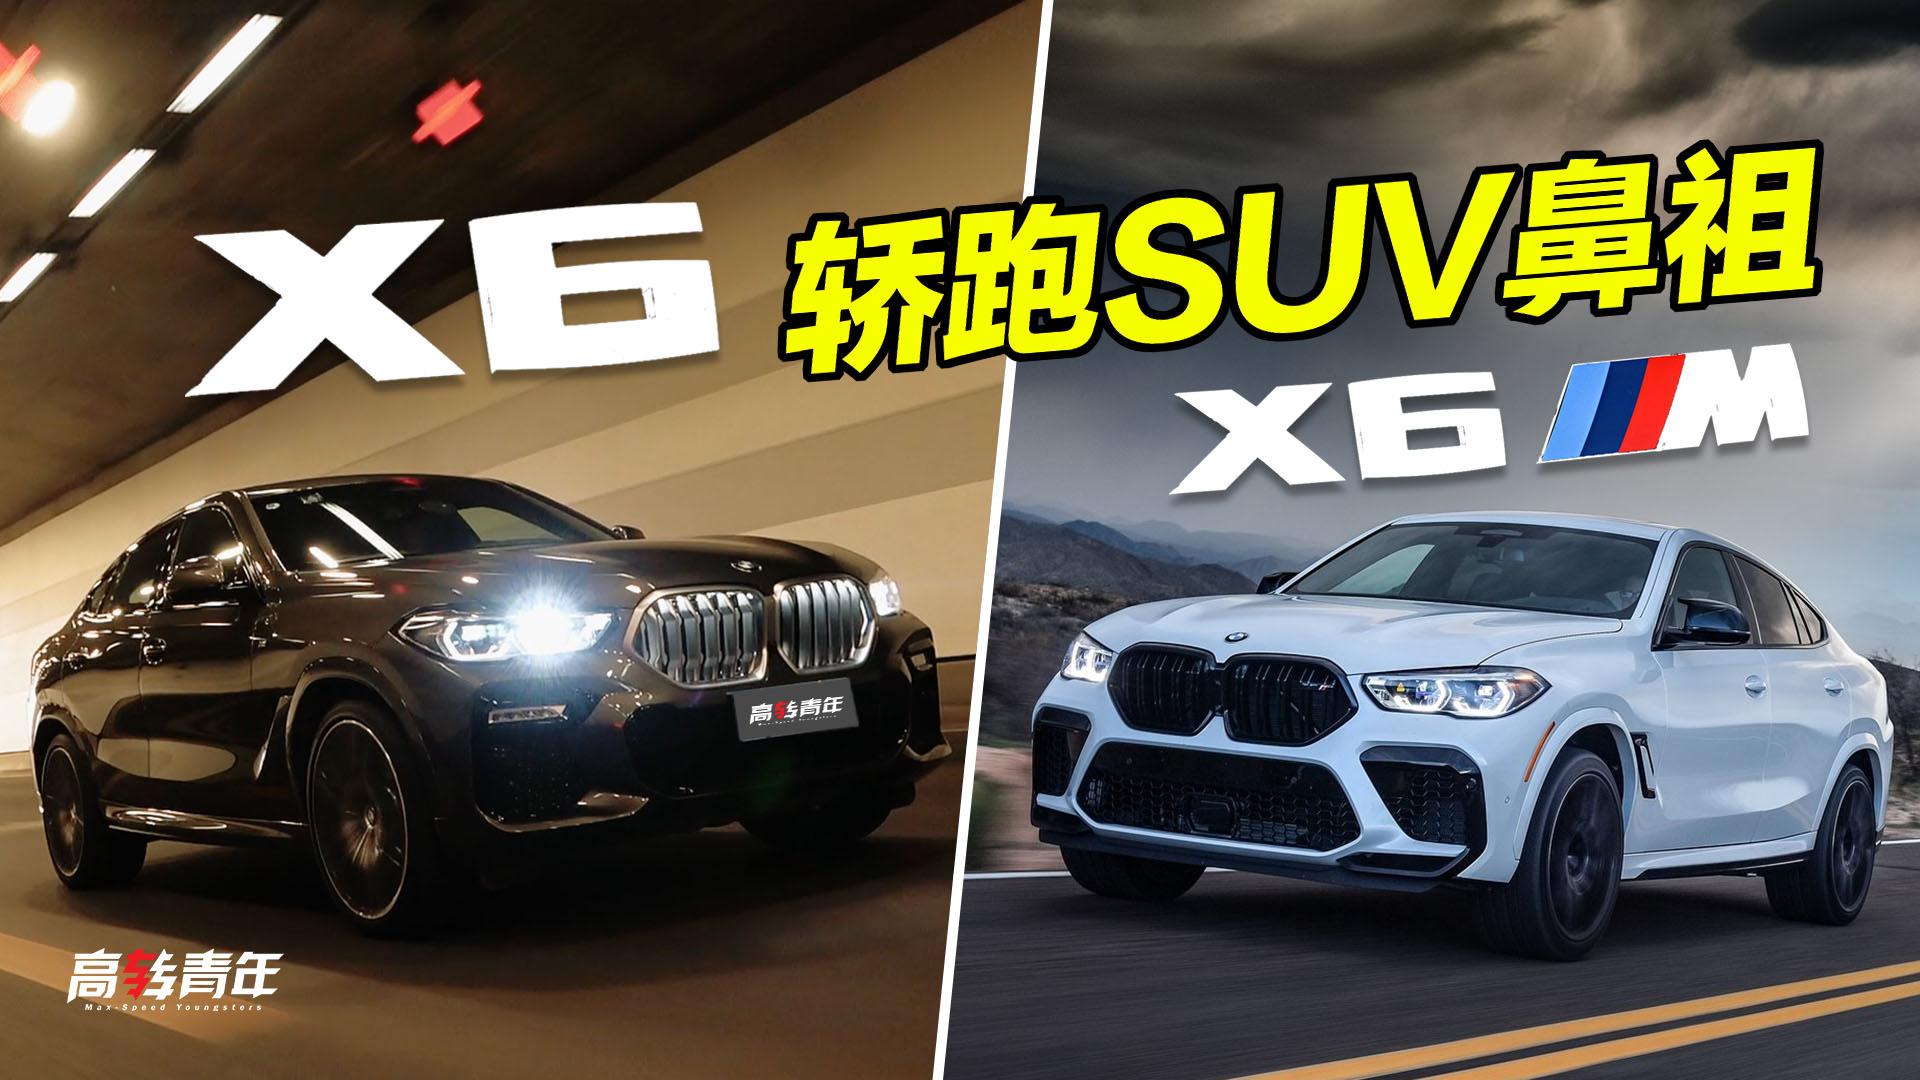 轿跑SUV鼻祖!试宝马X6和X6M,直呼爱了!视频